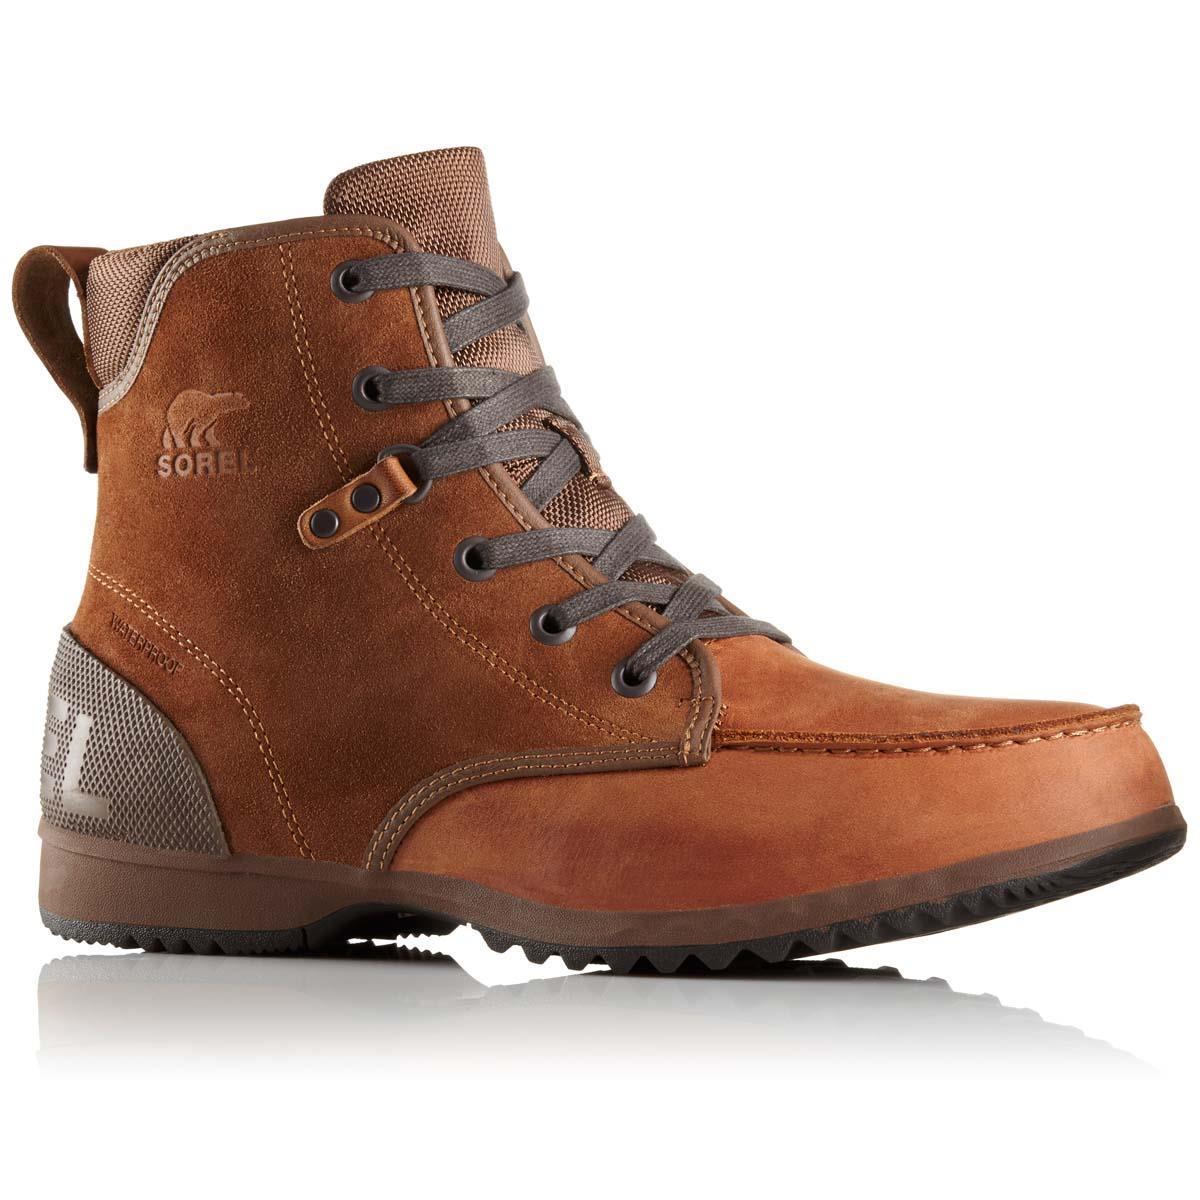 Faire Du Shopping sorel Ankeny Waterproof Leather And Rubber Boots - Brown Bonne Vente De La France À Faible Frais D'expédition 99cLjf